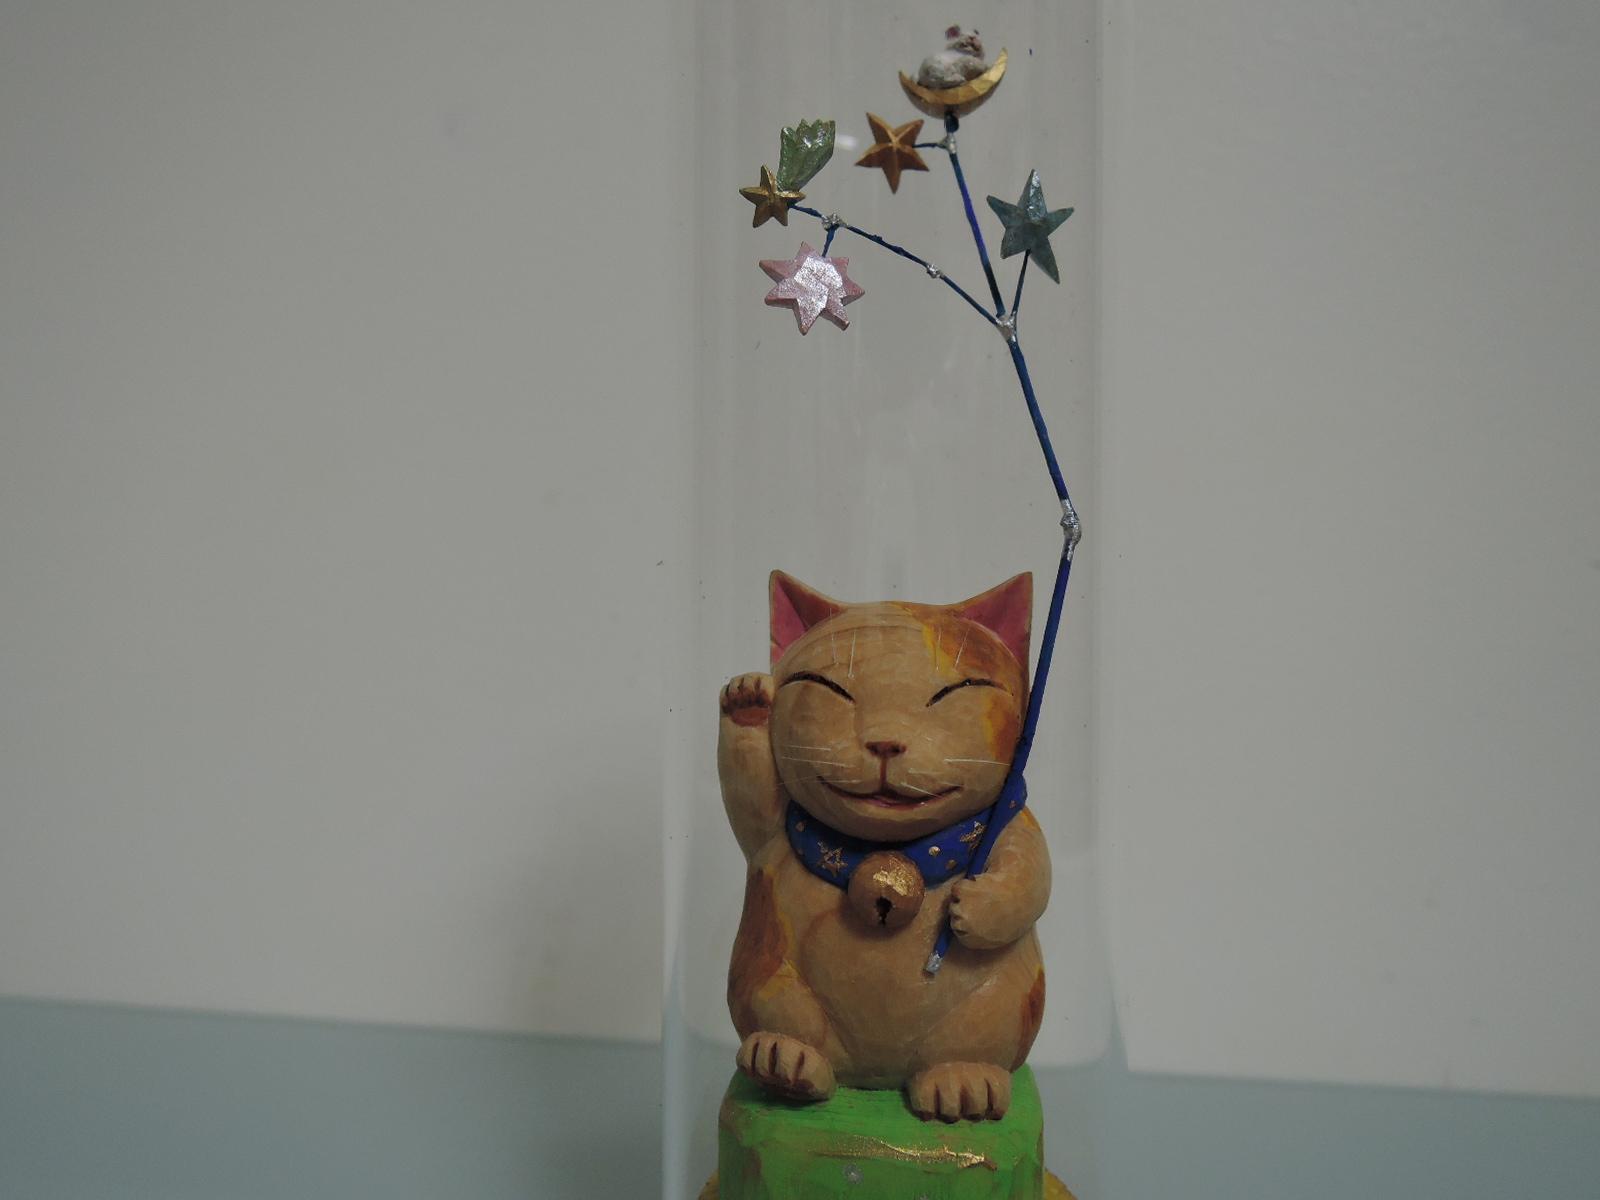 小出信久作 木彫ネコの七夕の夕べ 月にはうさぎ